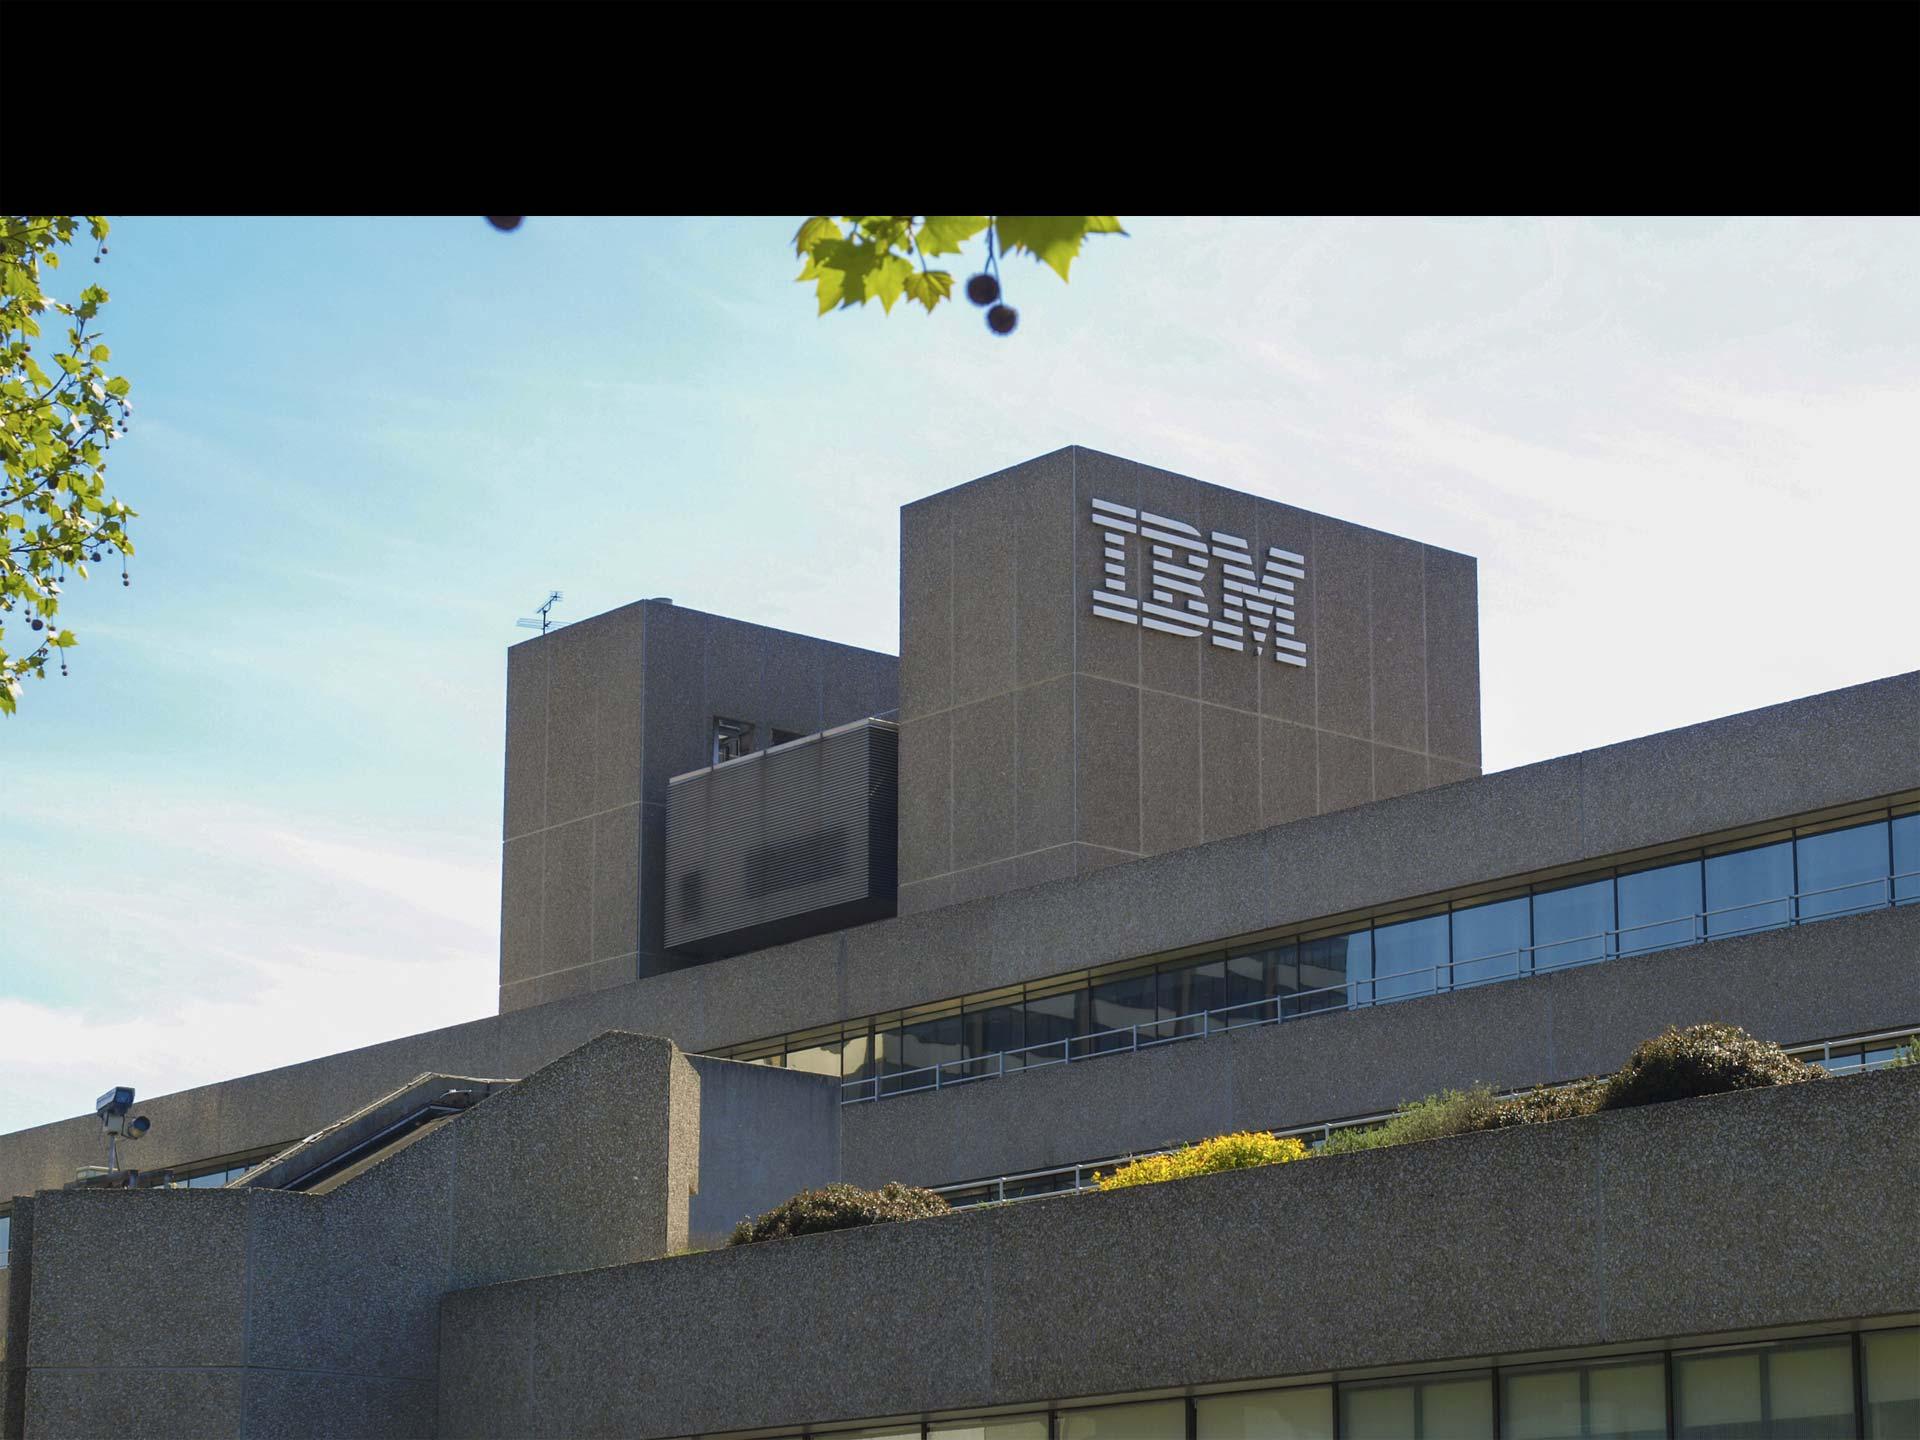 Anunció la compra de Truven Health Analytics, con lo que ampliará su plataforma Watson Health